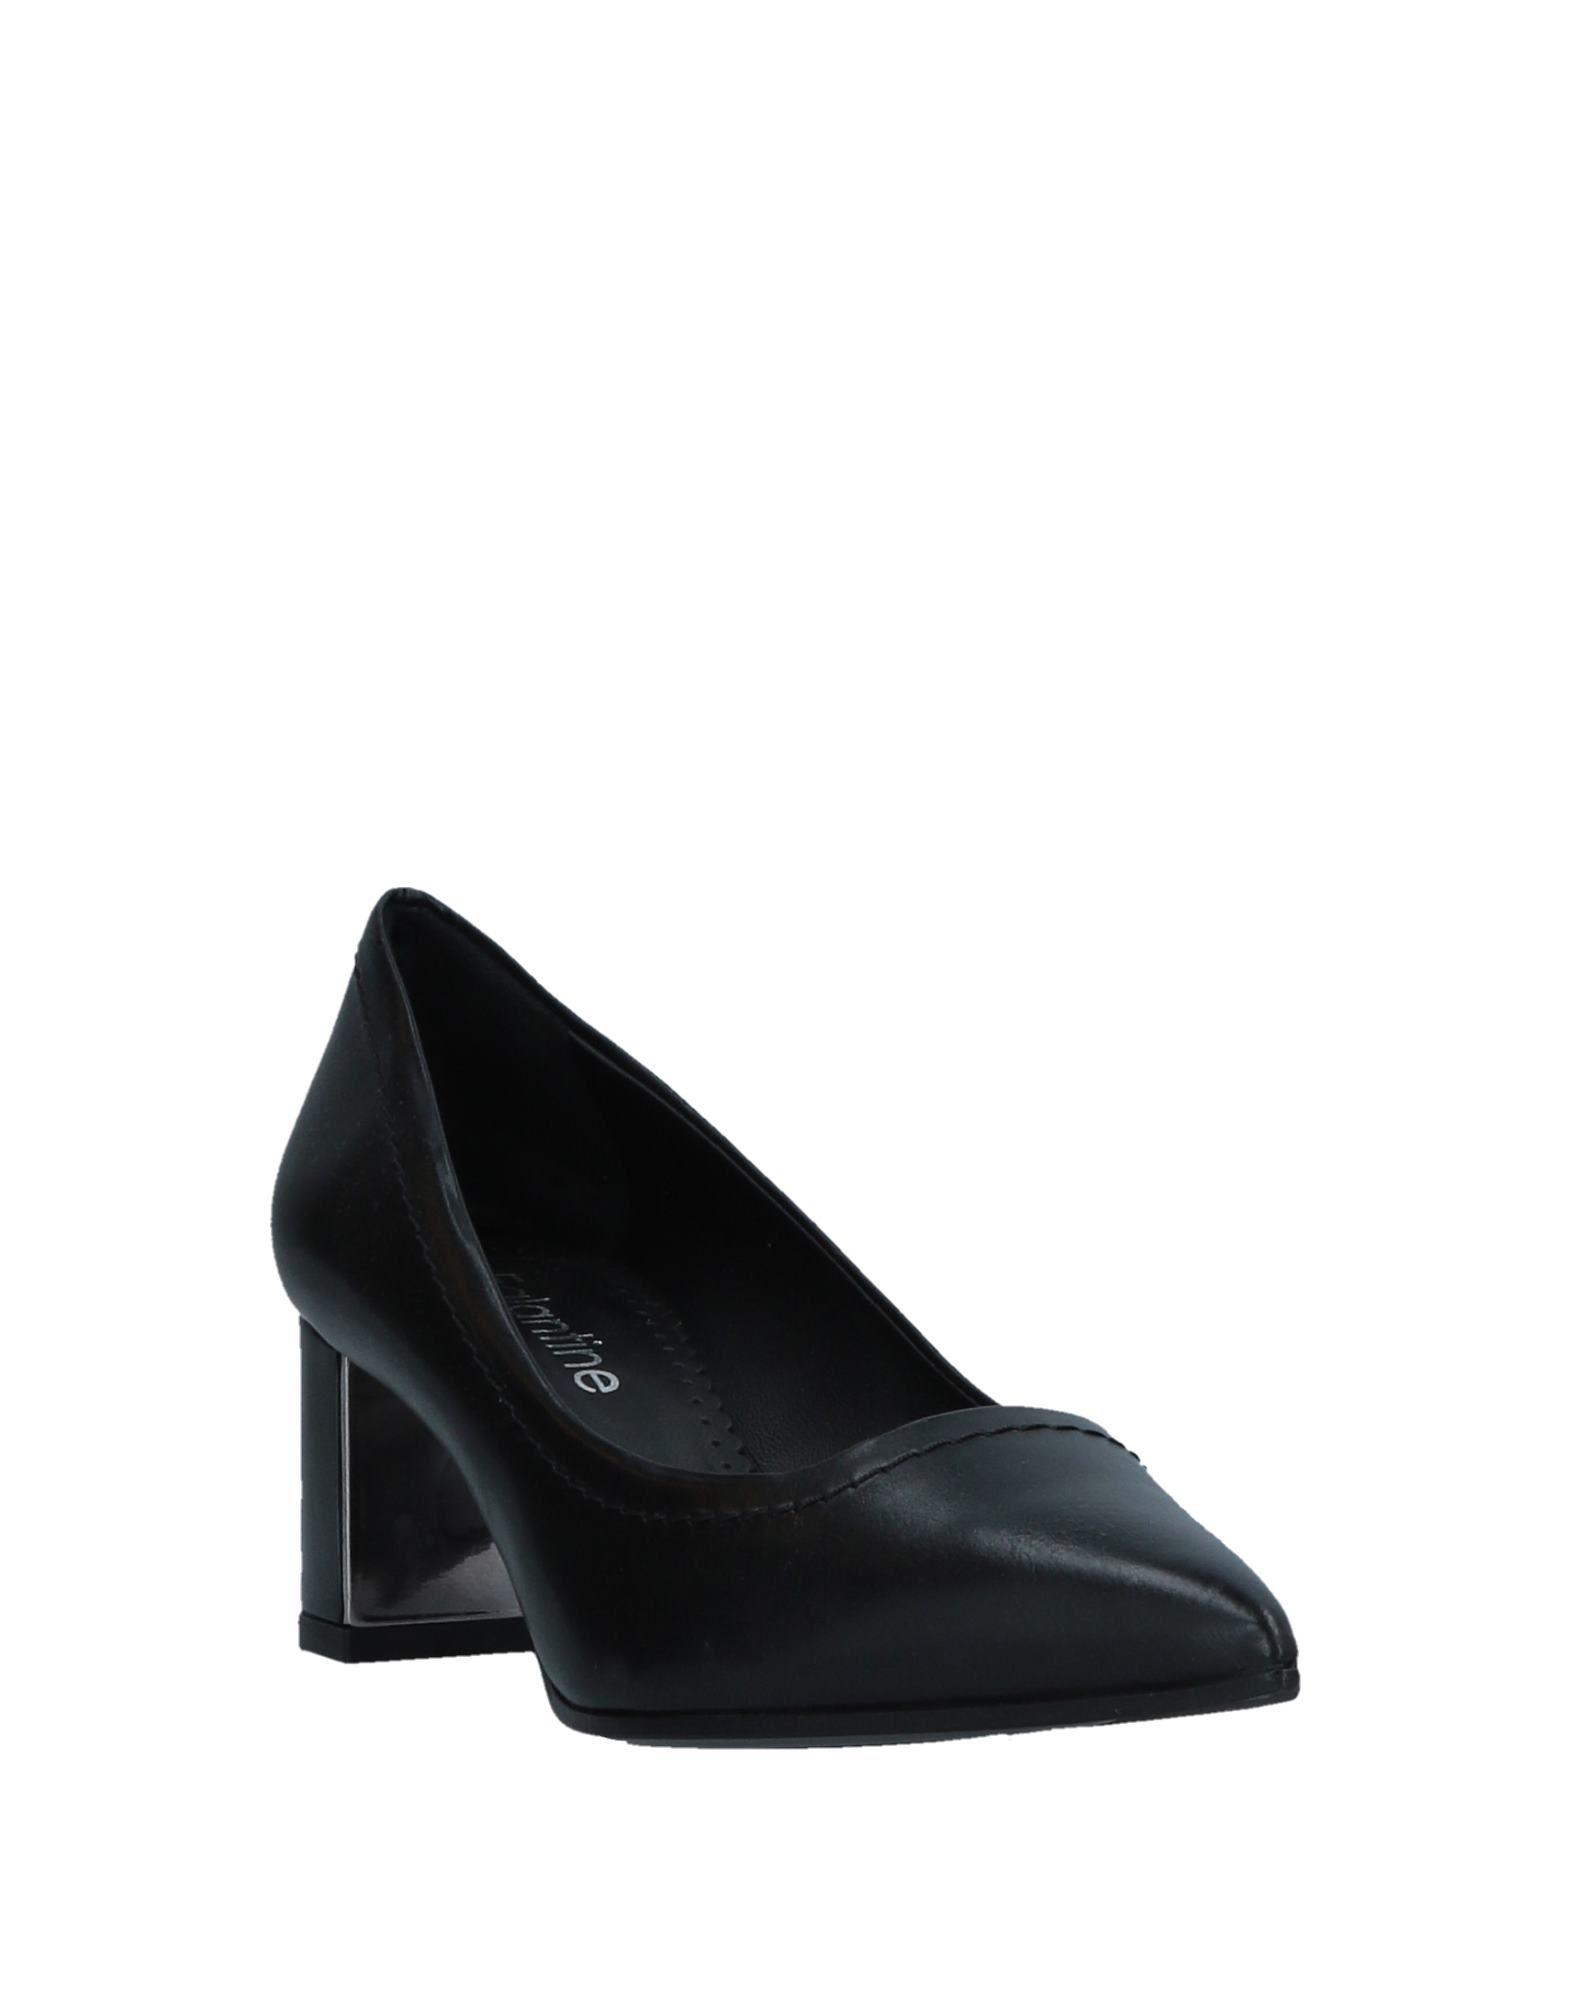 Eglantine Pumps Qualität Damen  11507814UV Gute Qualität Pumps beliebte Schuhe 6f8ad2